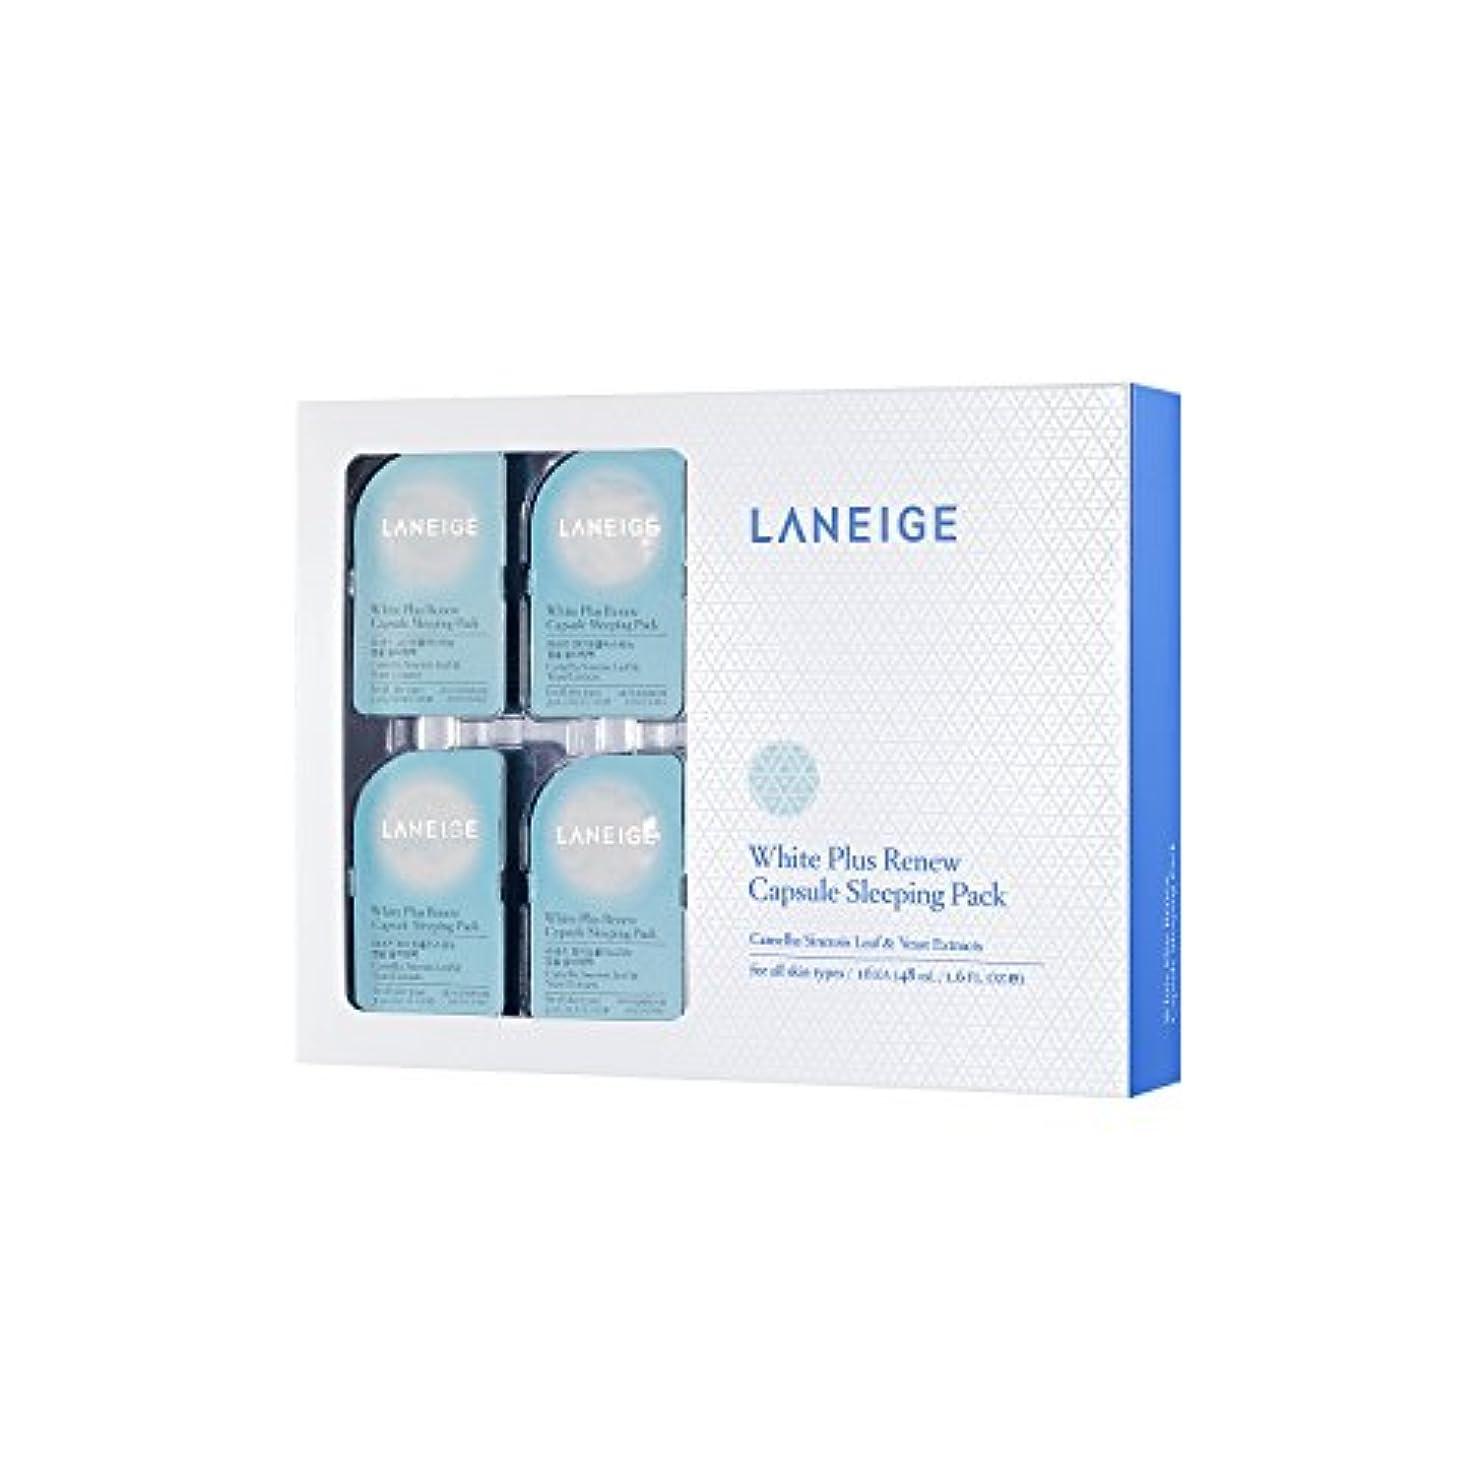 エクステントジーンズクレーンラネージュ(LANEIGE) ホワイト プラス リニュー カプセル スリーピングパック (美白) 3ml*16 [並行輸入品]